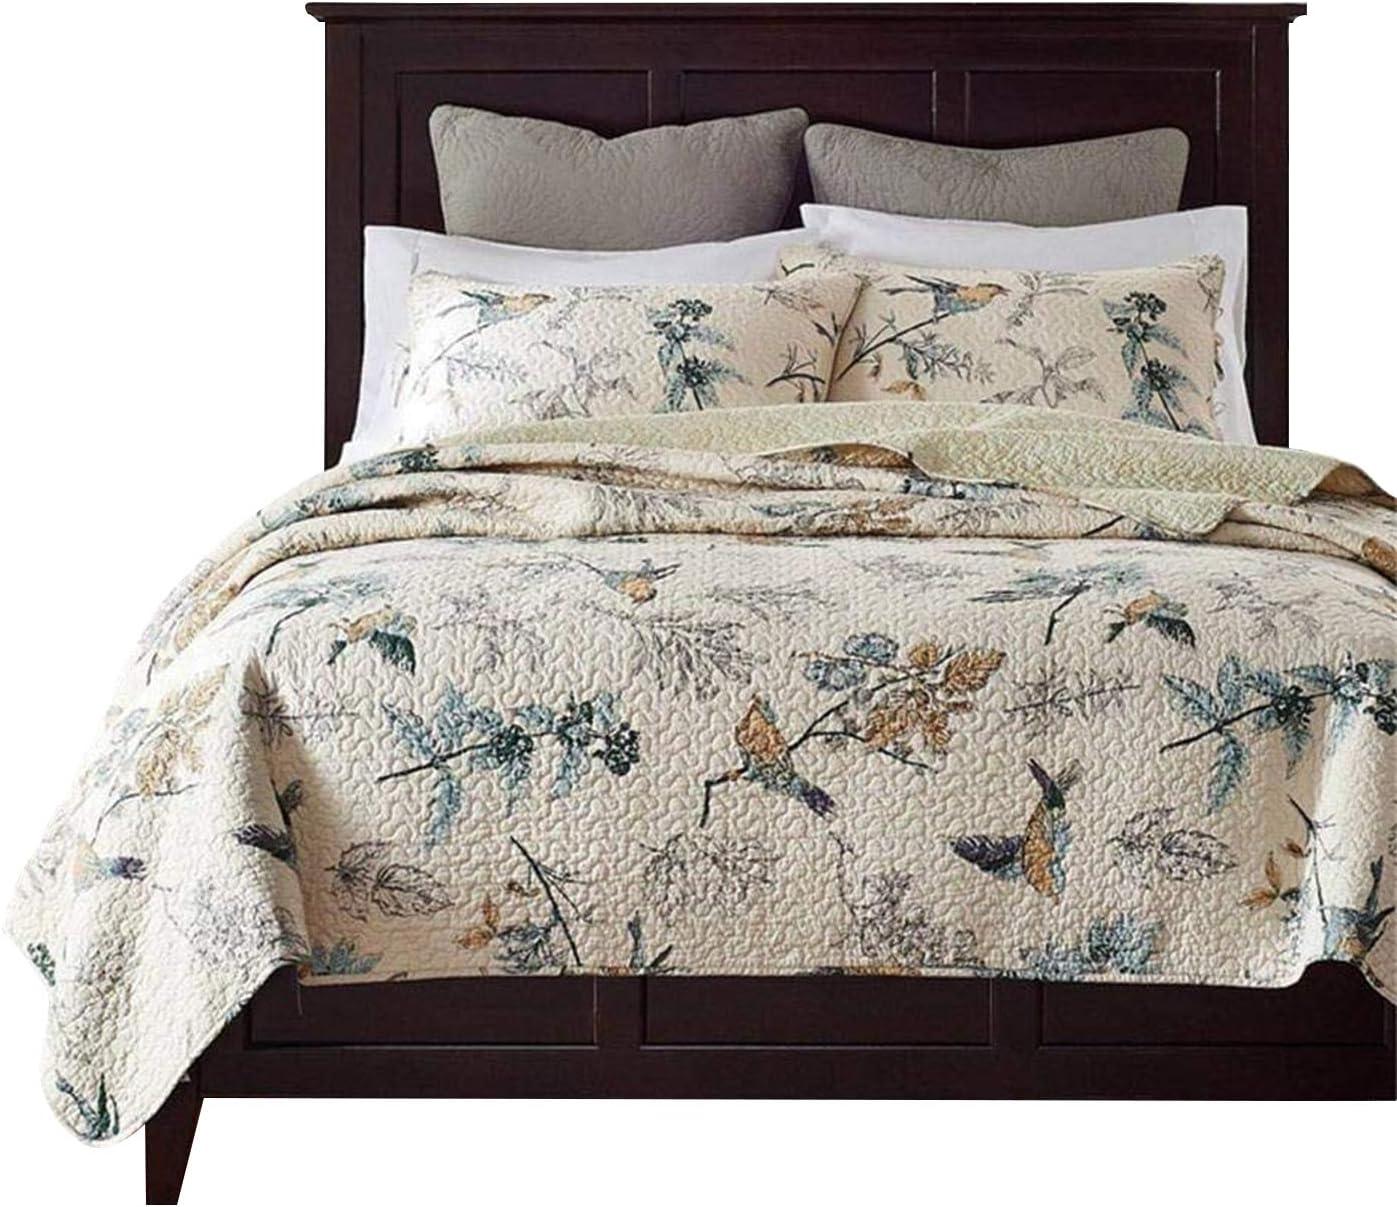 Brandream American Country Comforter Sets, Birds Printing Queen Quilt Set, Beige 3Pcs